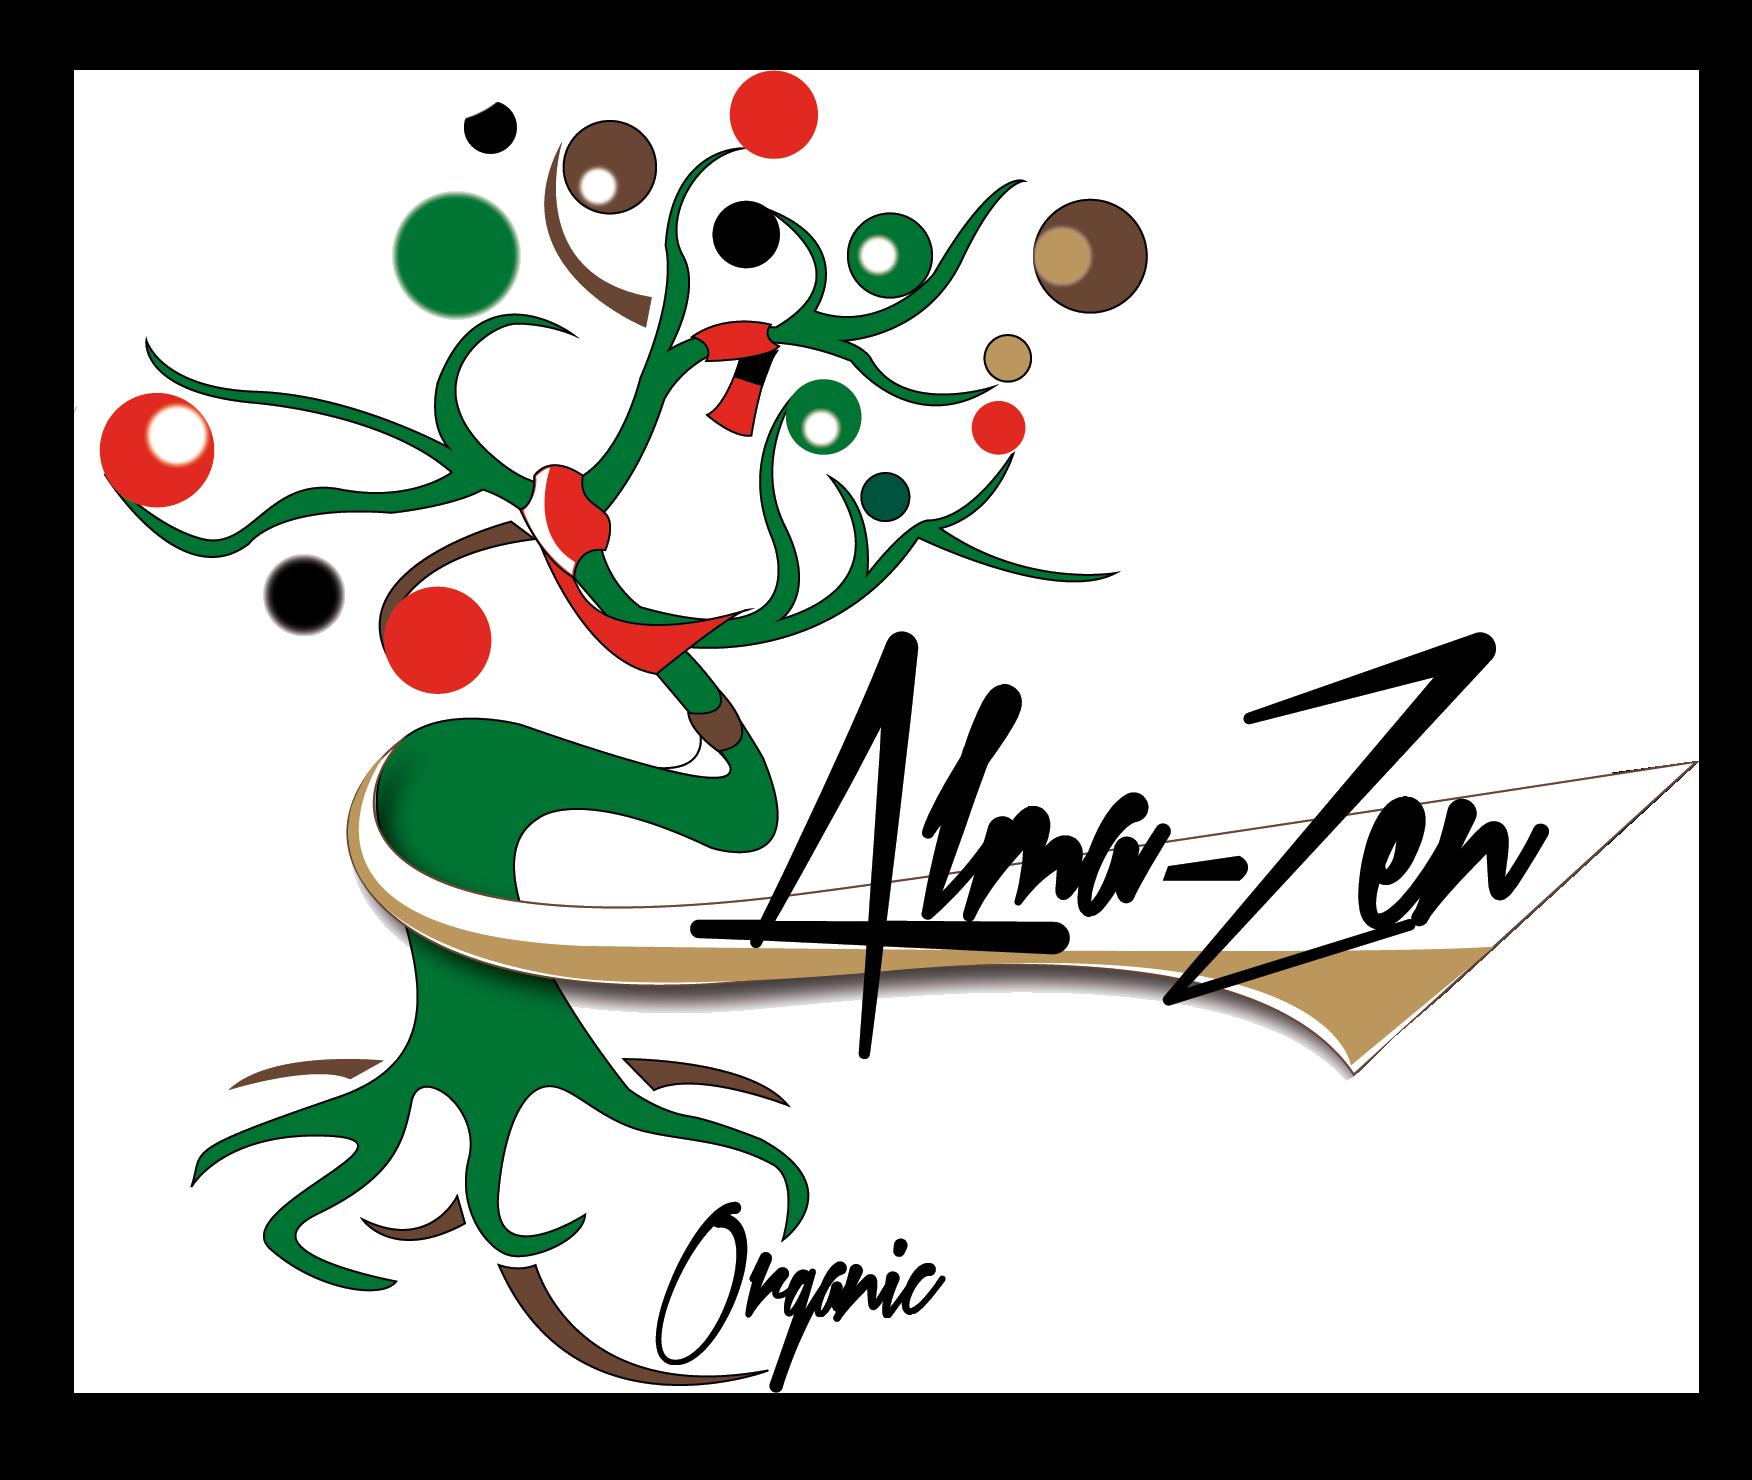 Alma-Zen Organic